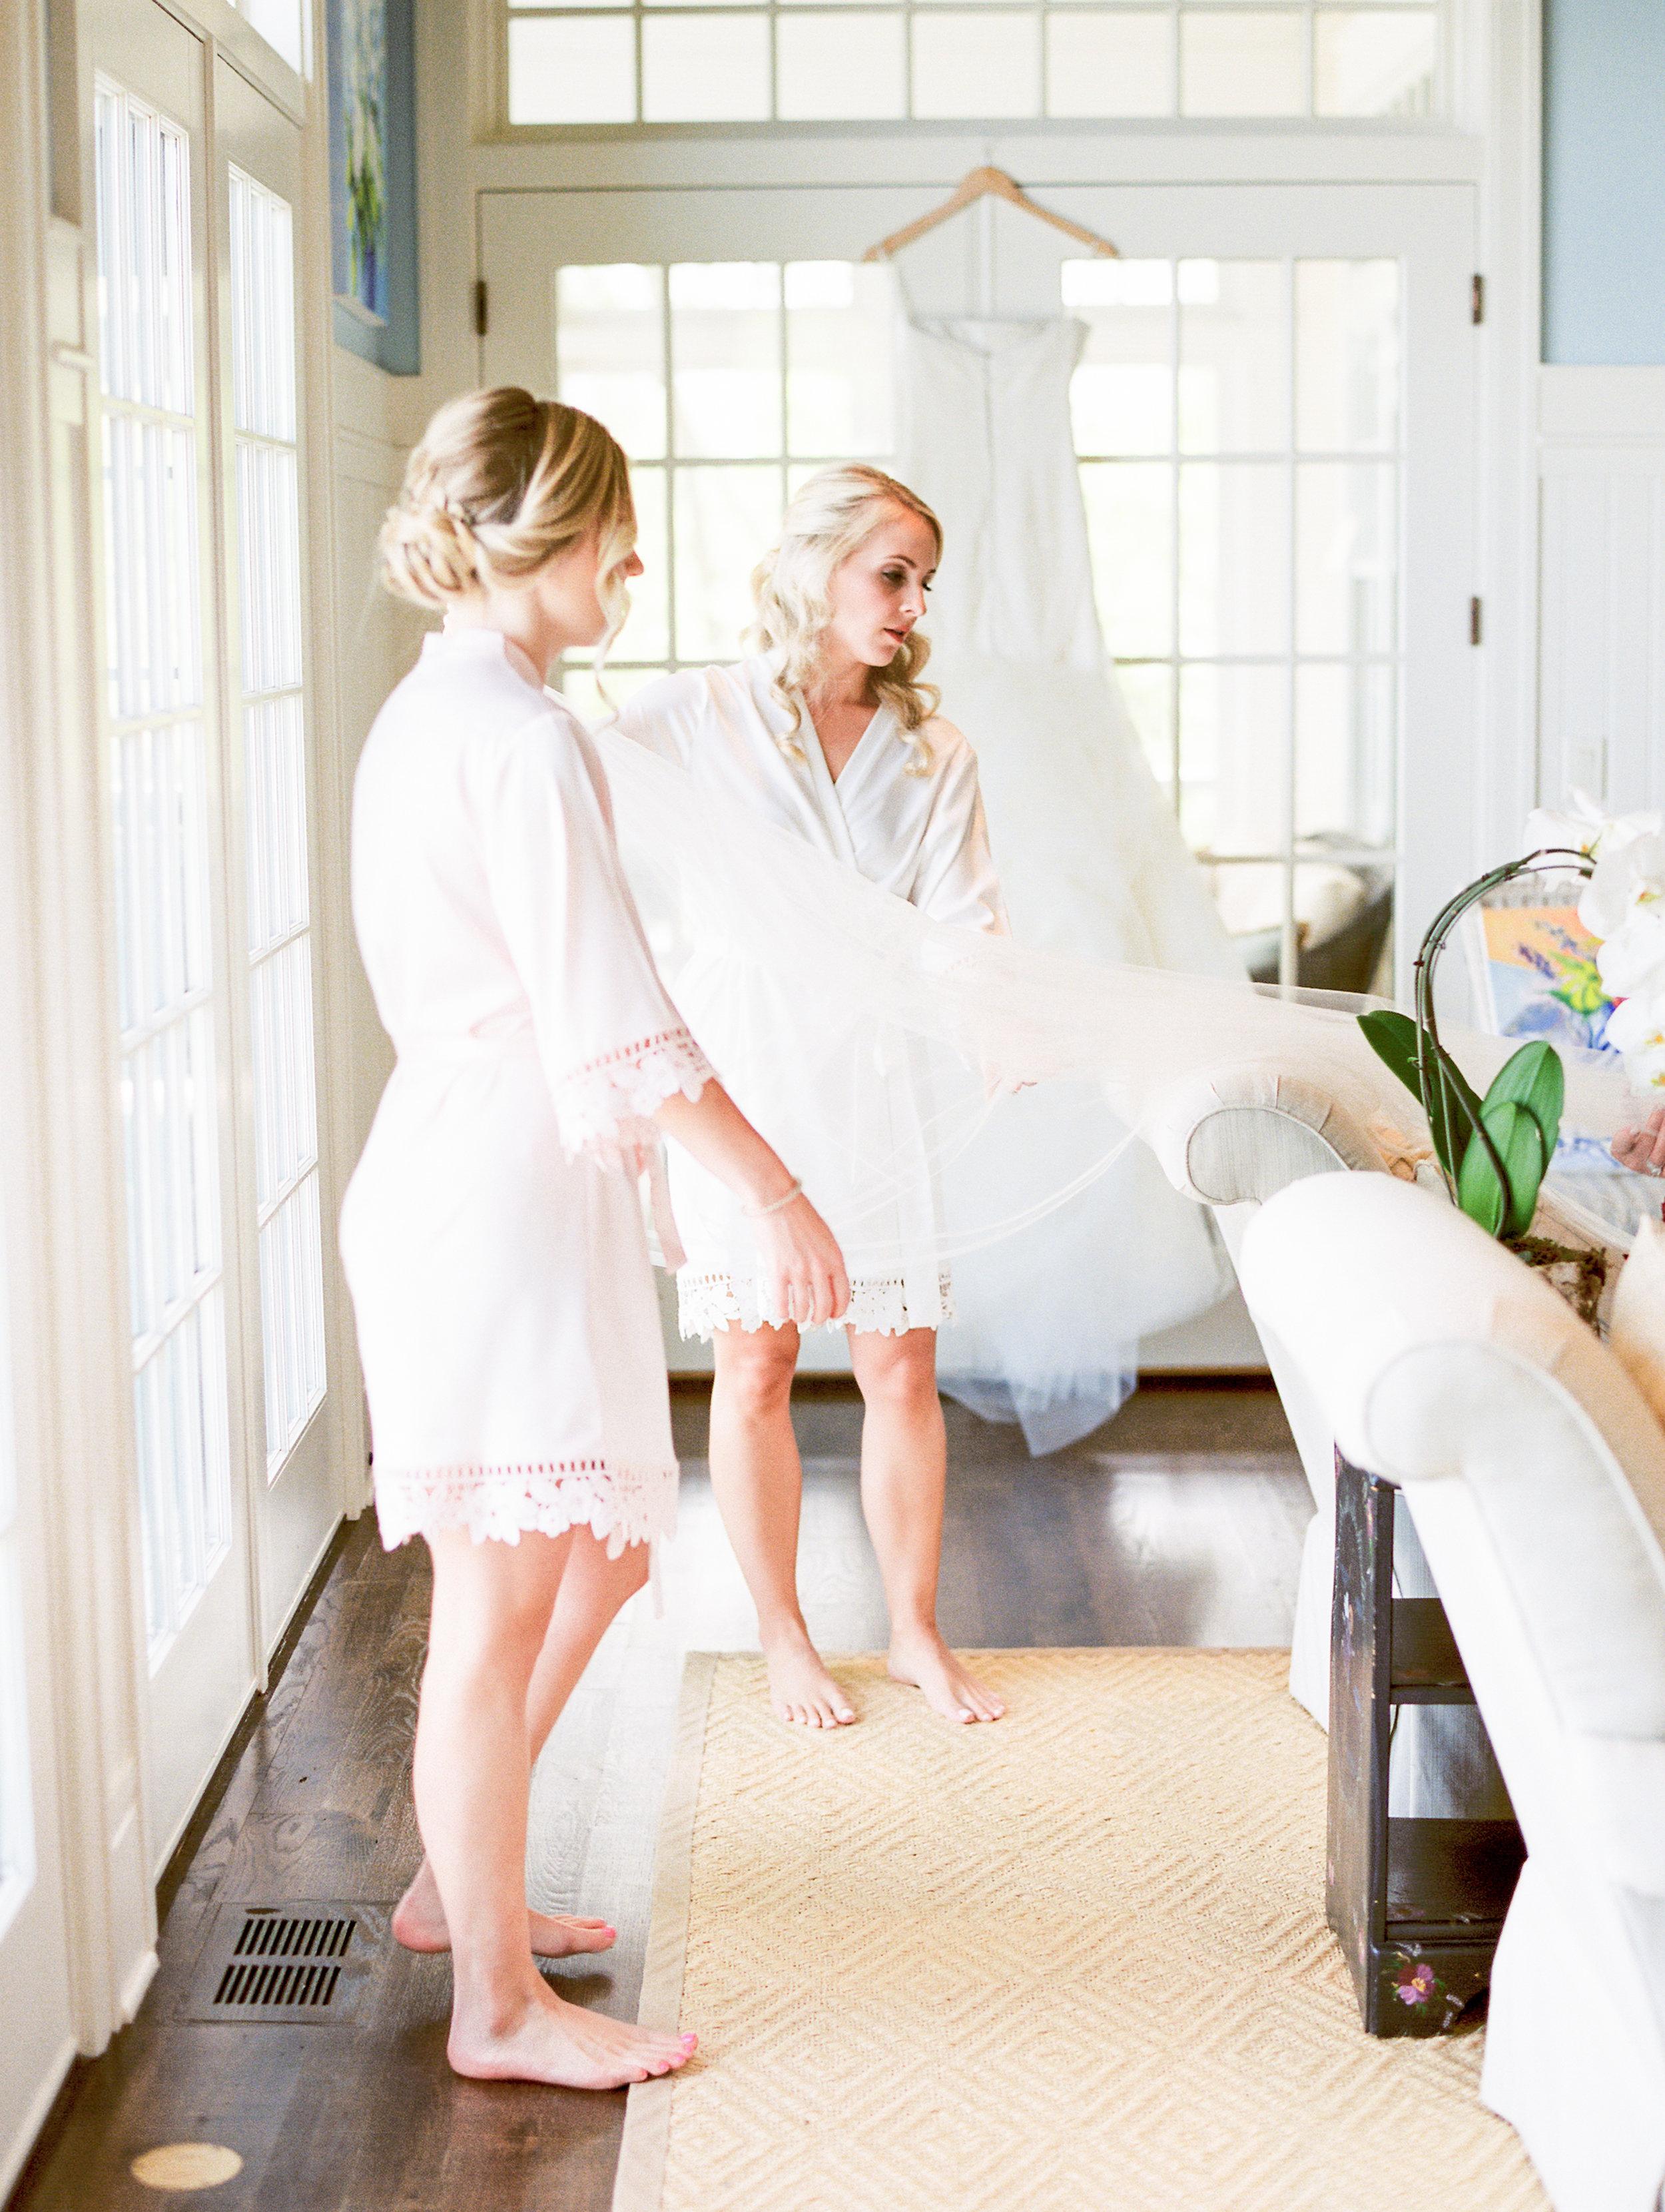 Coffman+Wedding+Getting+Ready+Girls-148.jpg